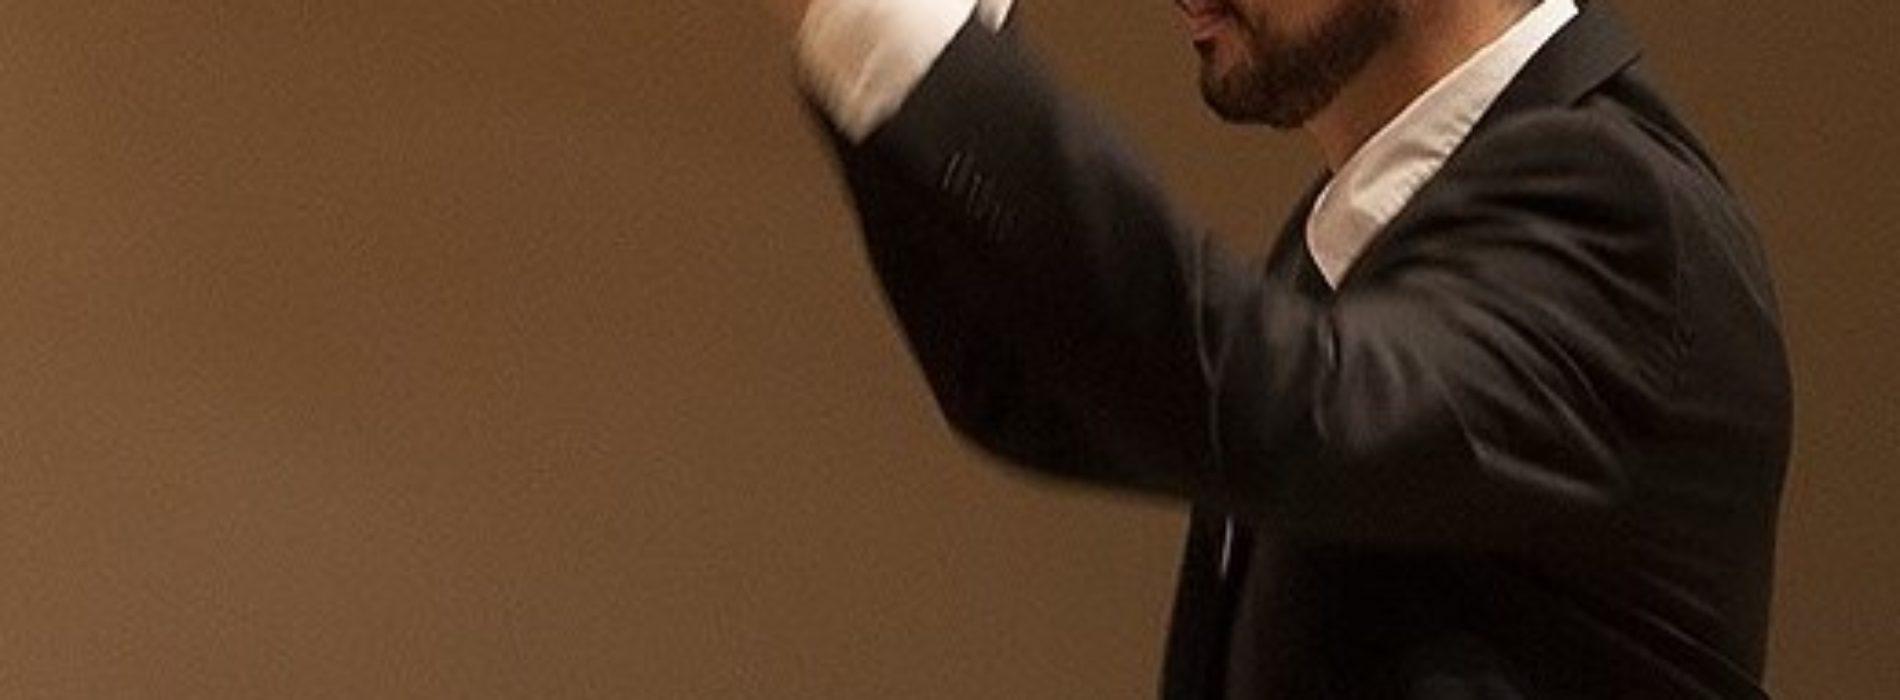 """PABLO OLIVAS MARCO PRIMER PREMIO EN EL  II CERTAMEN DE COMPOSICIÓN MUSICAL """"SANT JOAN D'ALACANT"""""""